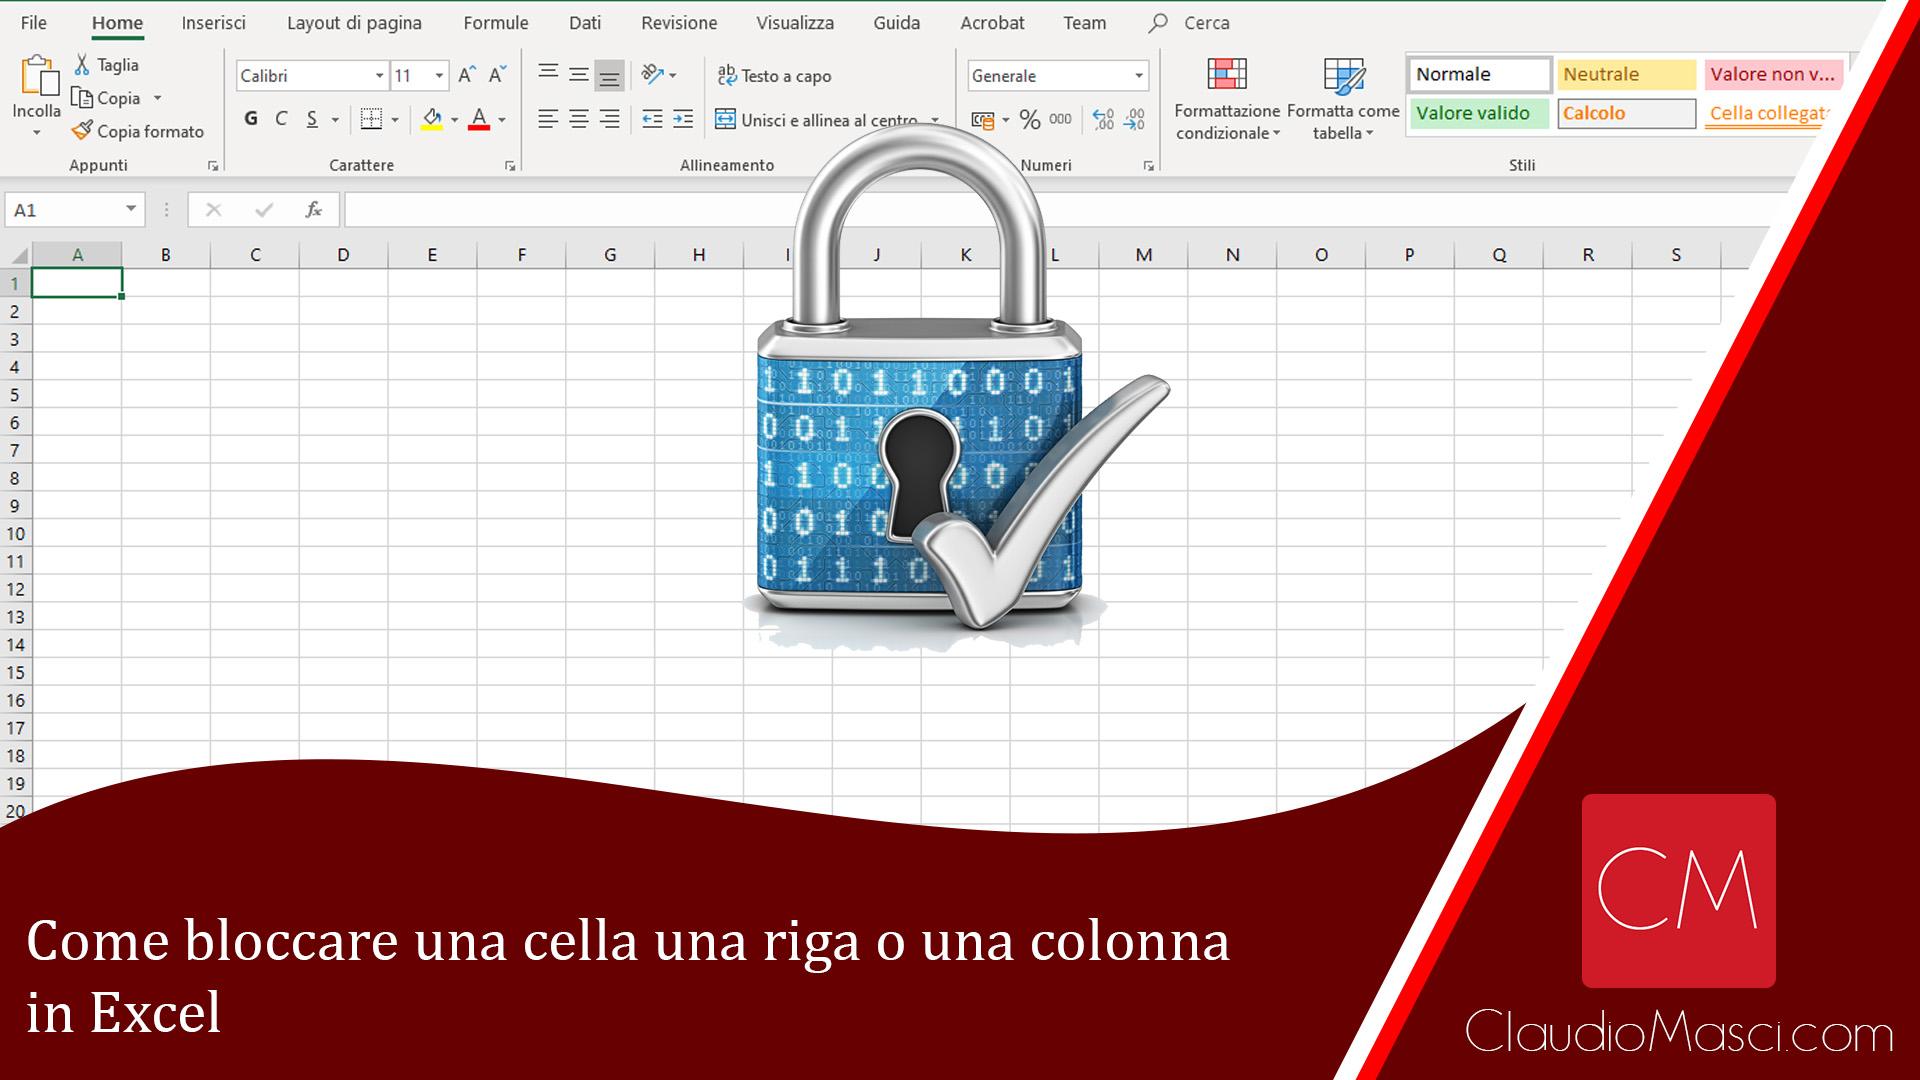 Come bloccare una cella una riga o una colonna in Excel